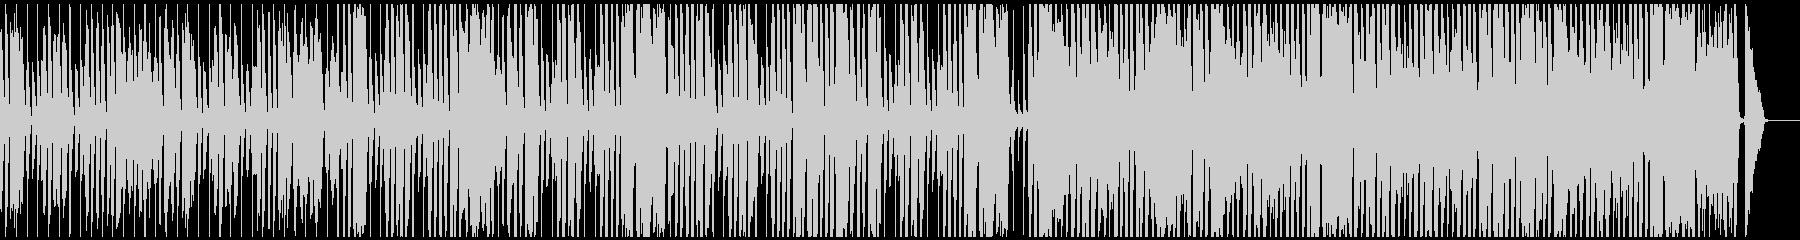 CMに楽しいBGM ピアノ、口笛、手拍子の未再生の波形